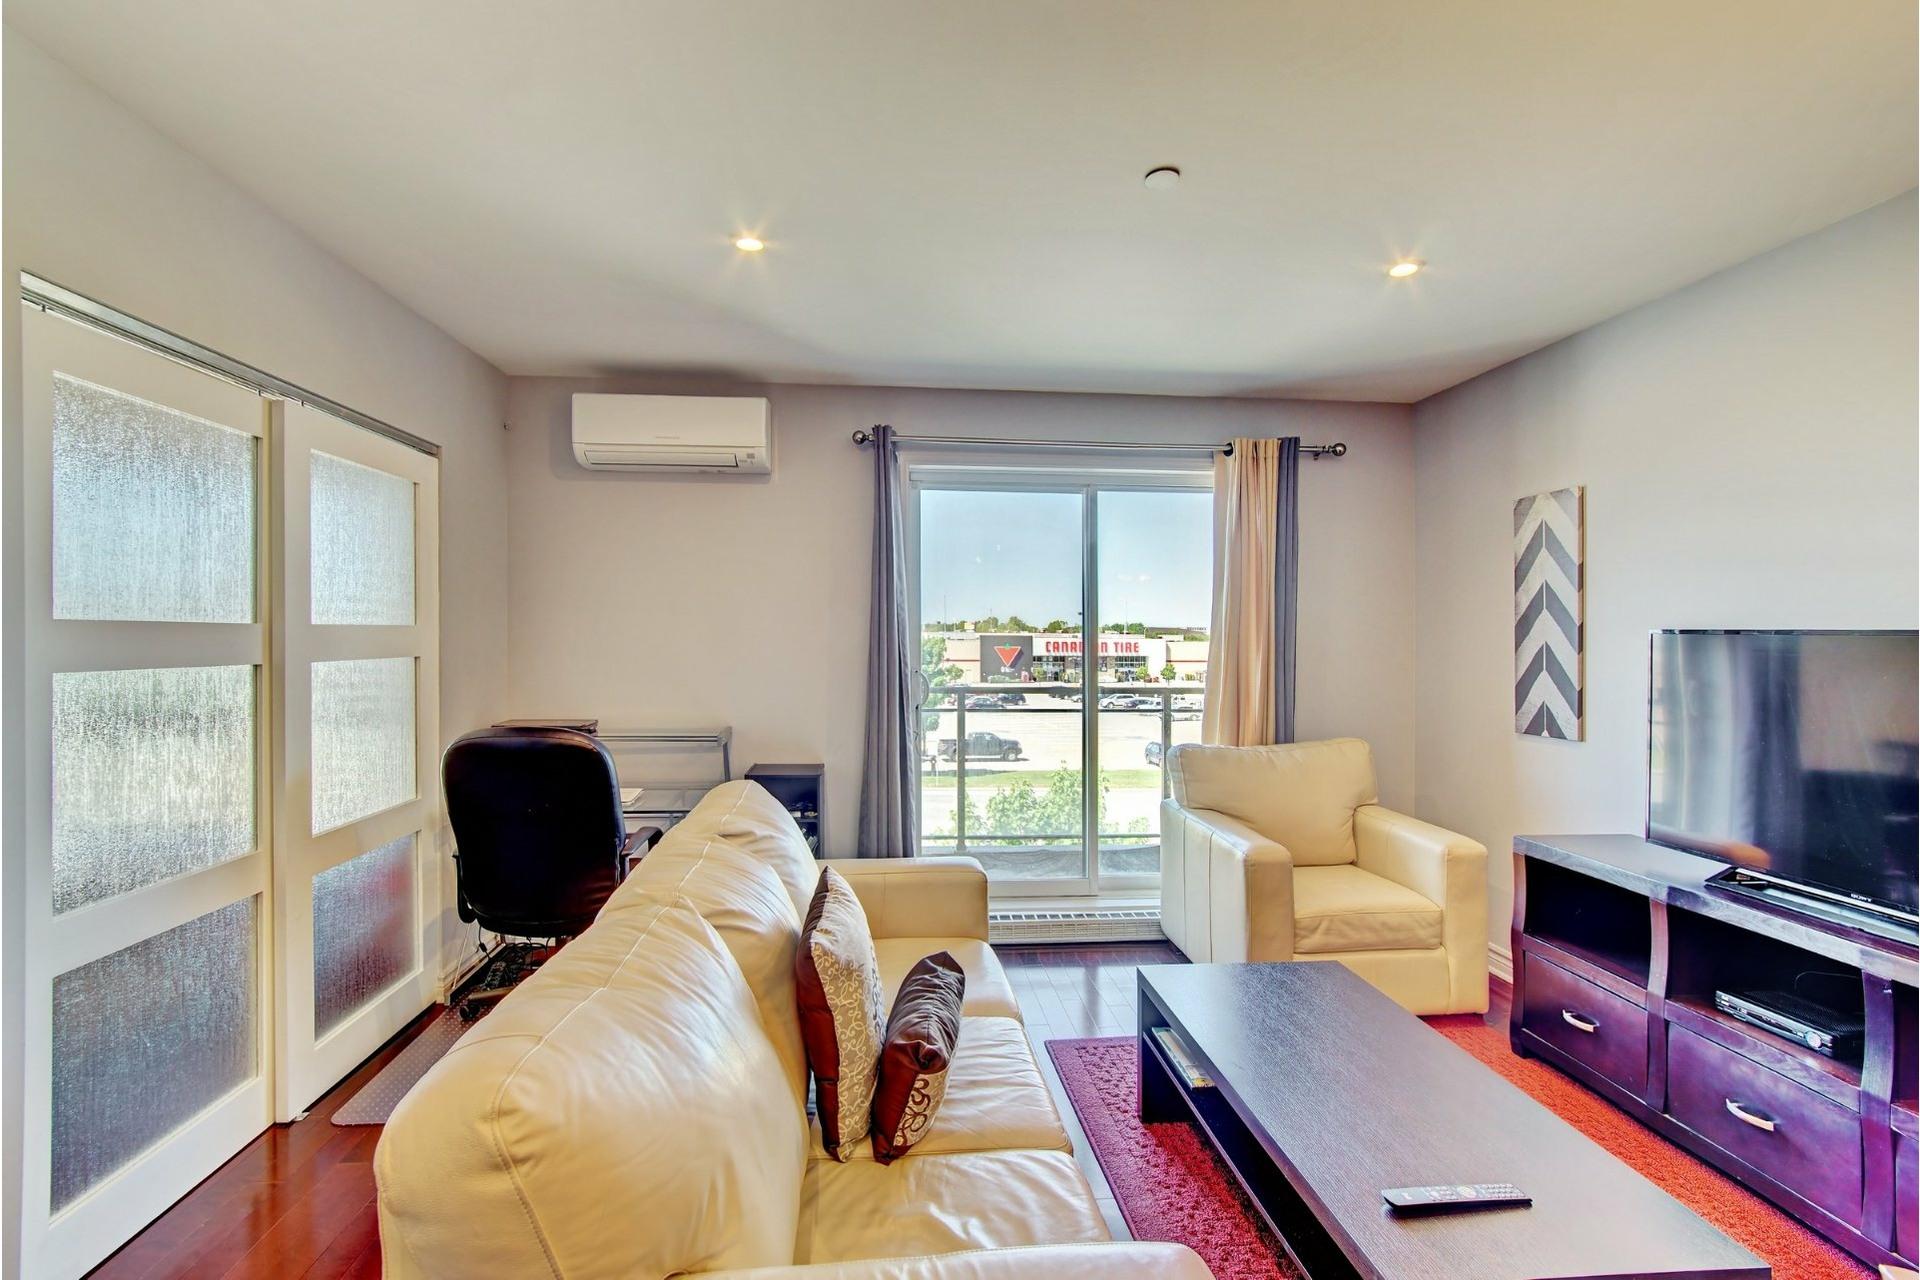 image 12 - Apartment For rent Laval-des-Rapides Laval  - 5 rooms